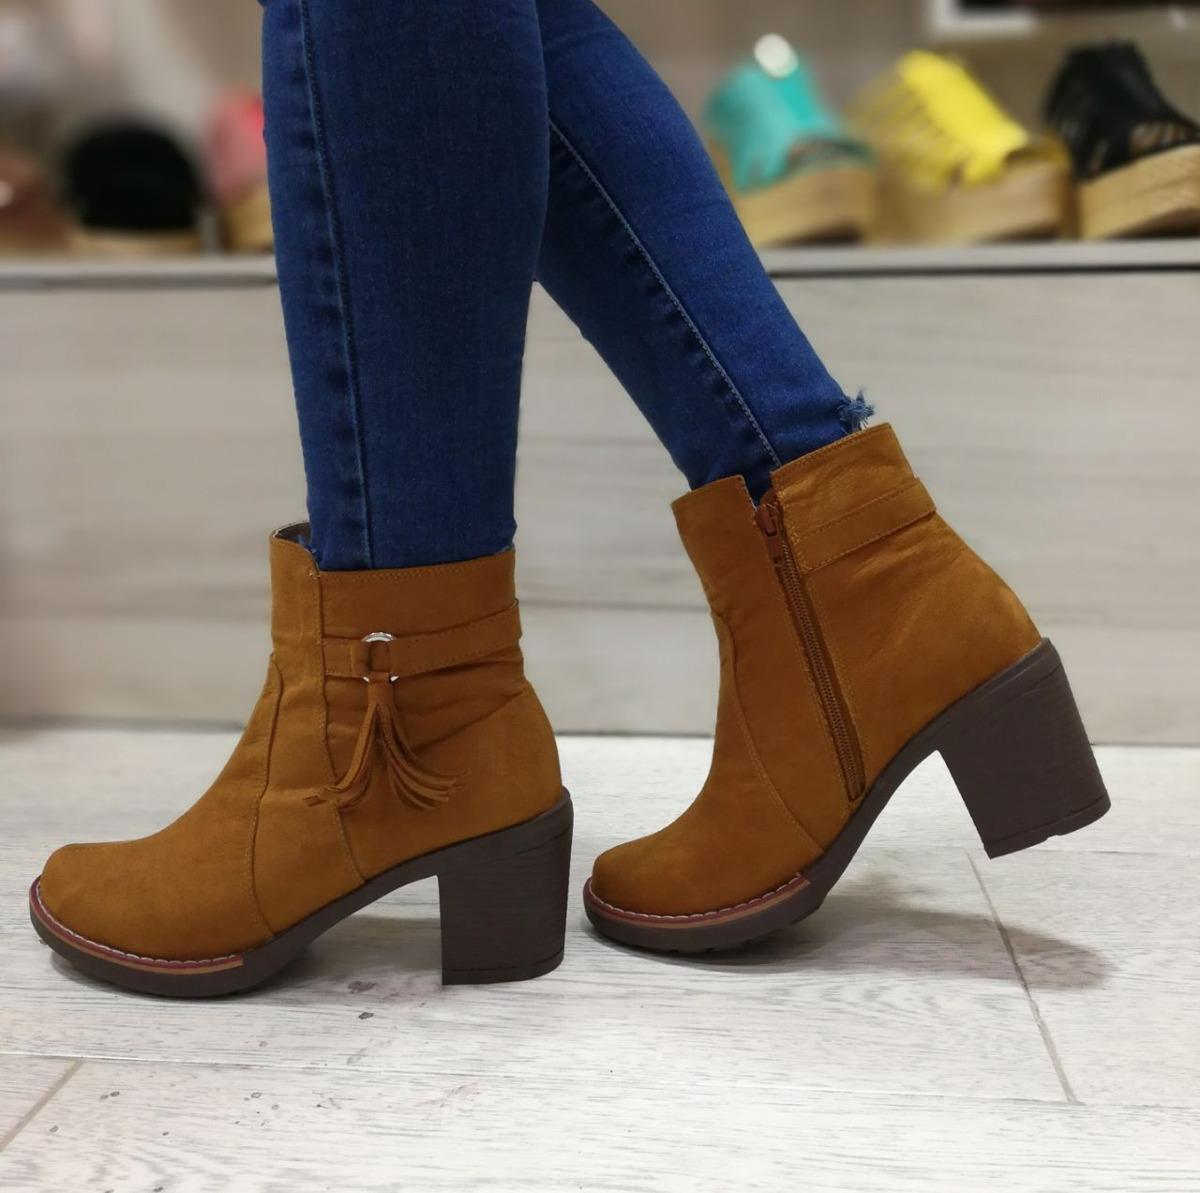 509f2c5cb5be0 bota para dama moda femenina calzado mujer botin dama tacon. Cargando zoom.